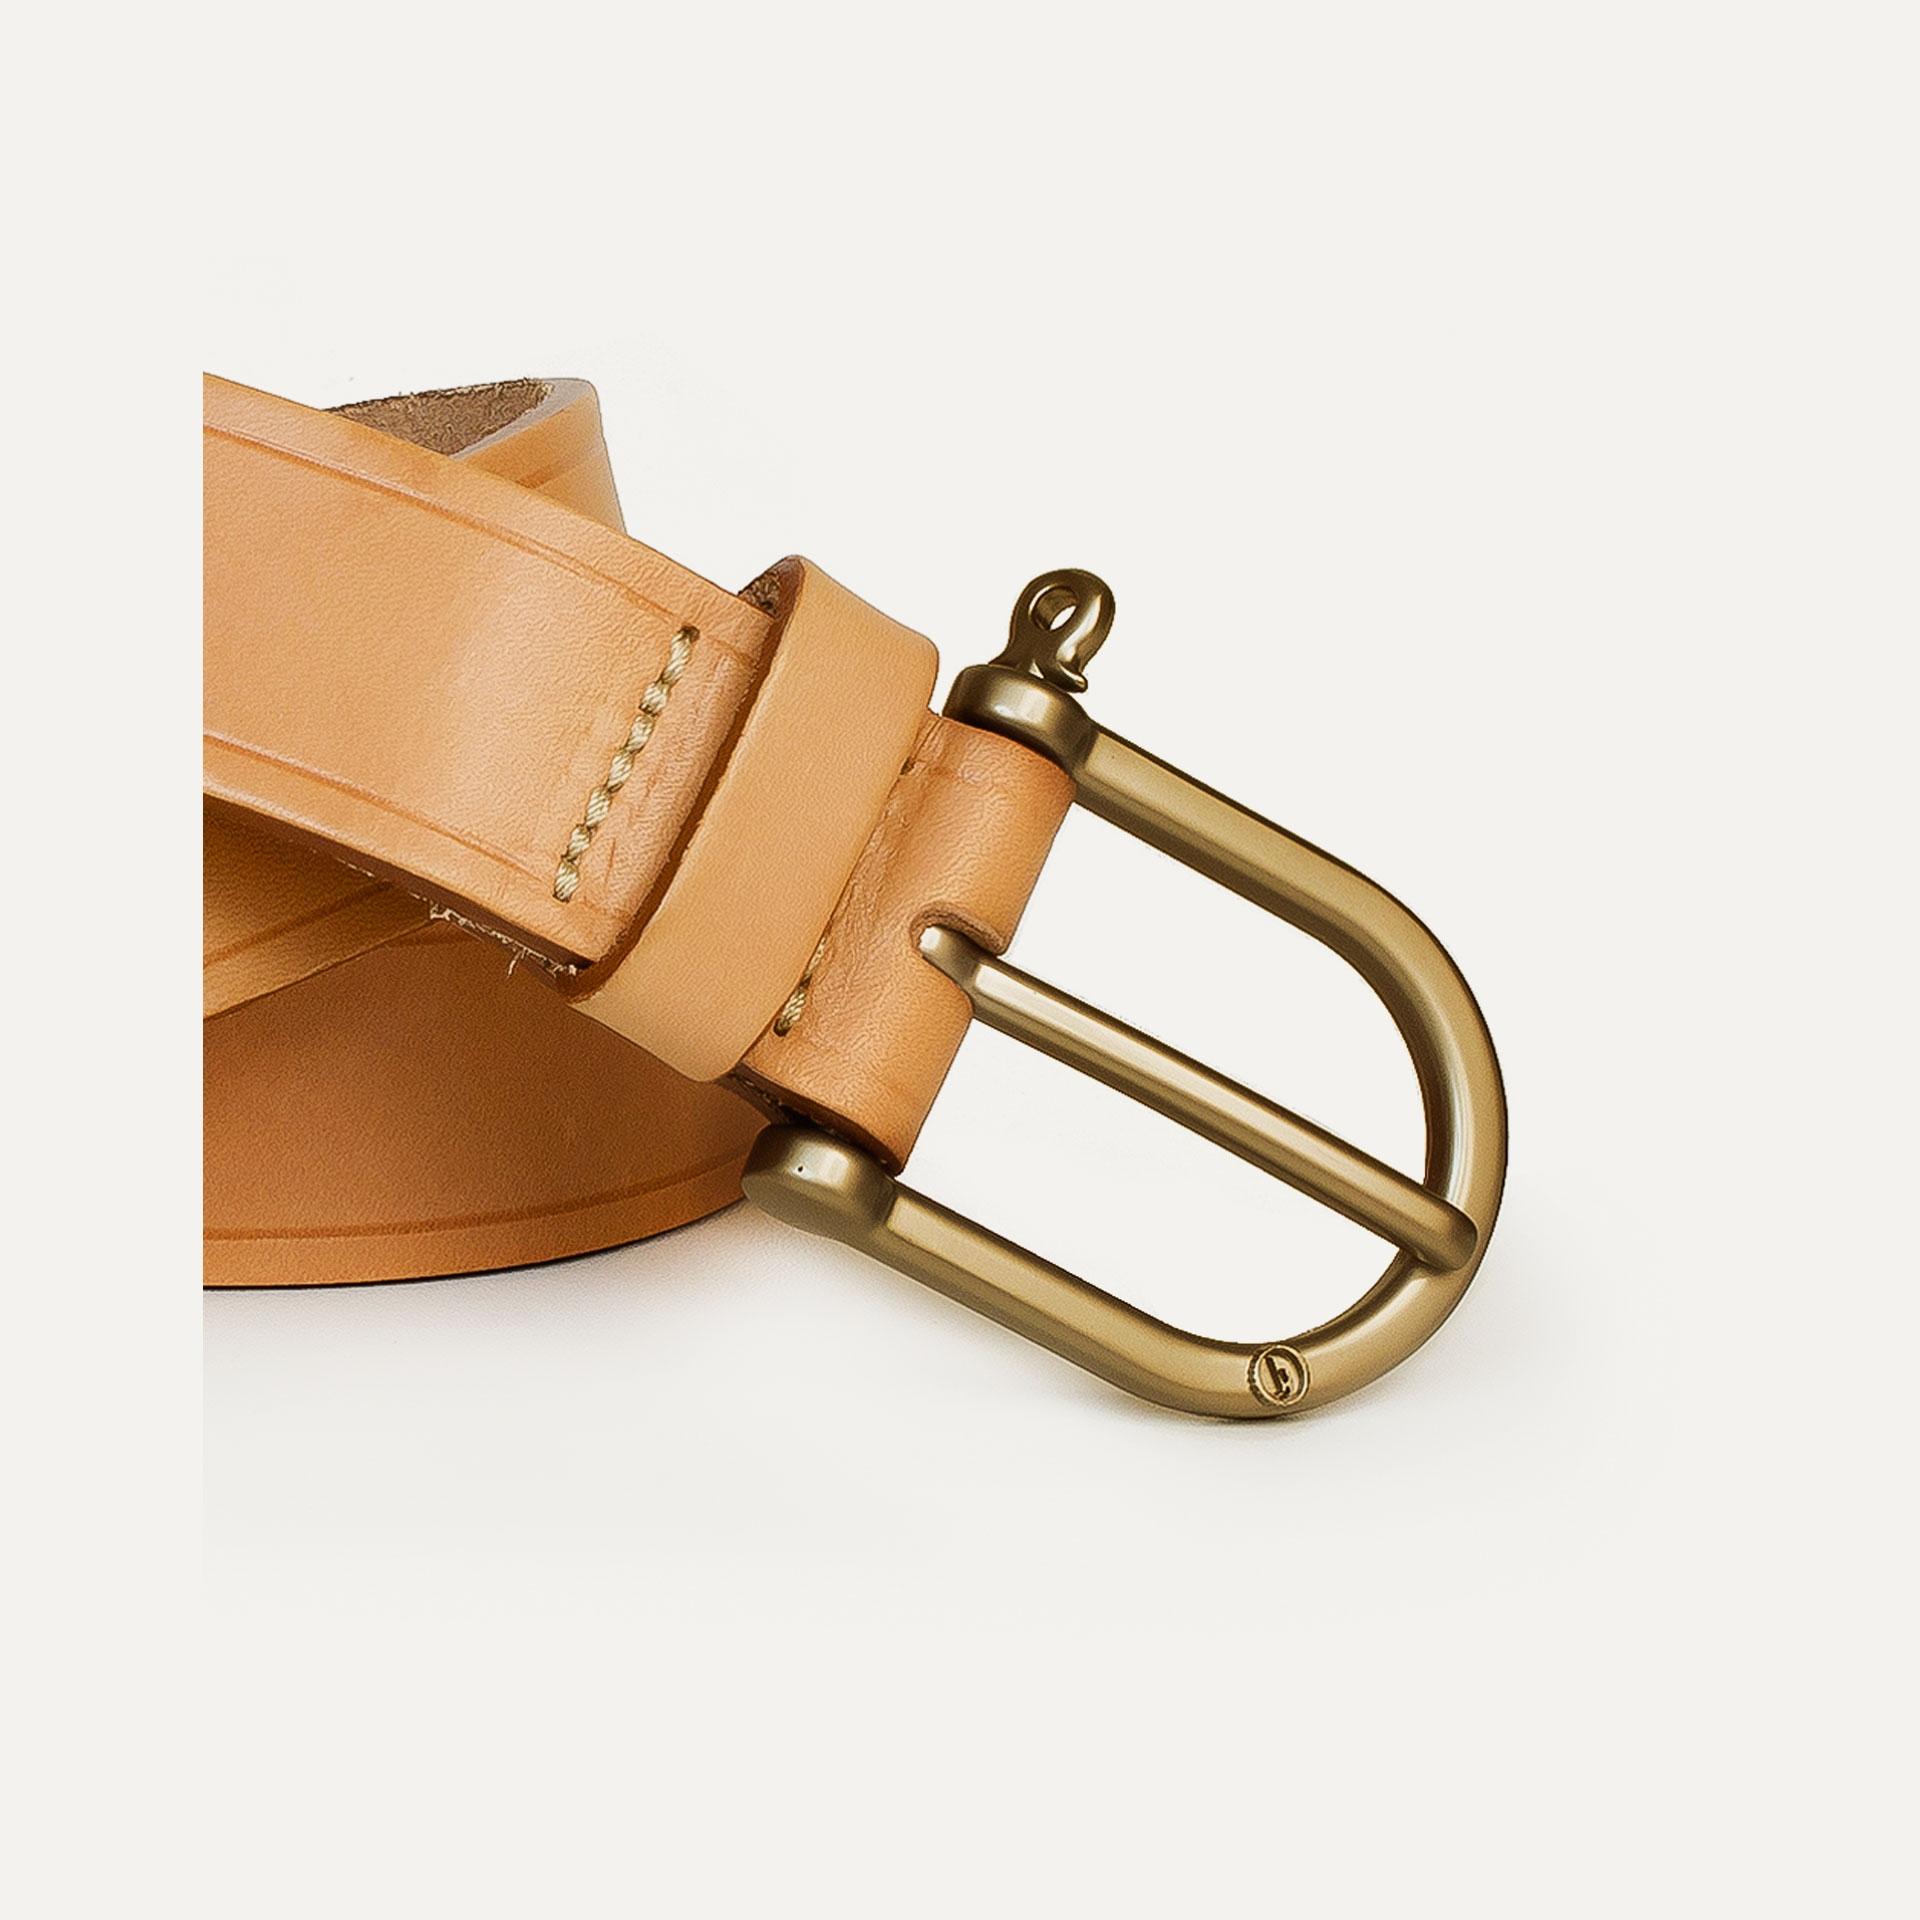 Manille Belt - Natural  /  Gold (image n°2)